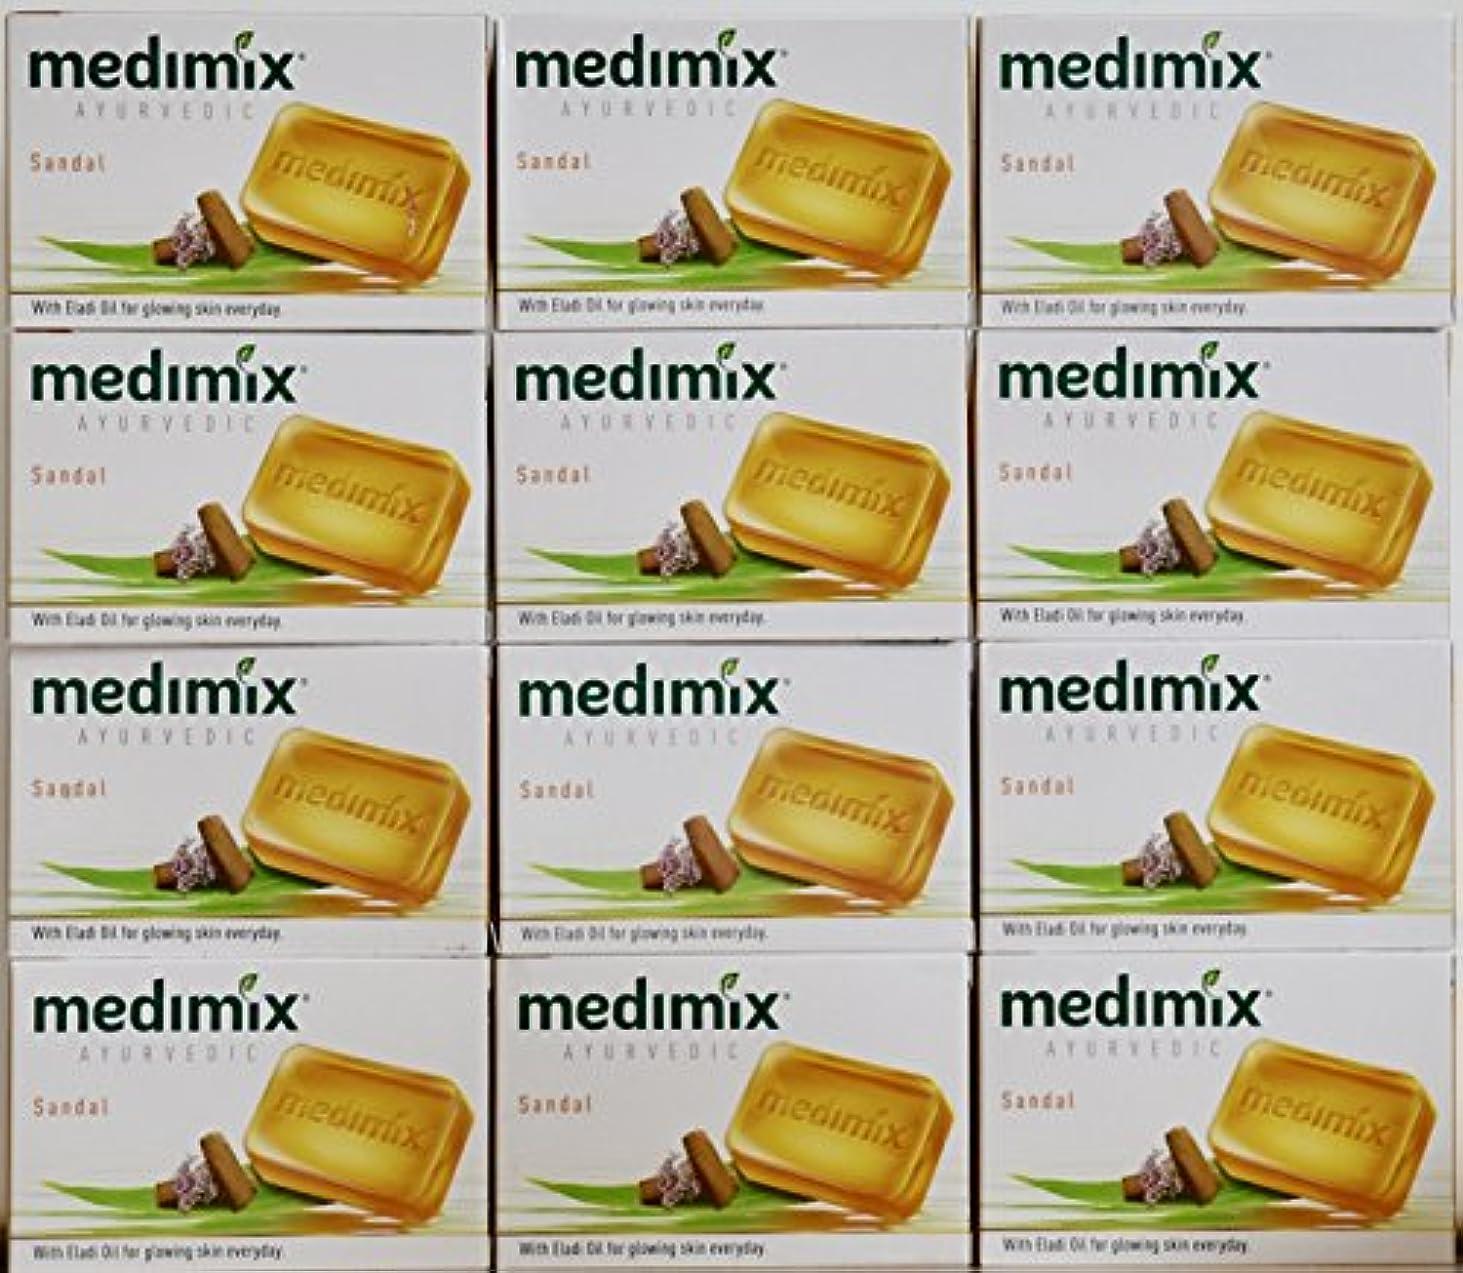 いらいらさせる自動車仕方medimix メディミックス アーユルヴェディックサンダル 石鹸(旧商品名クラシックオレンジ))125g 12個入り